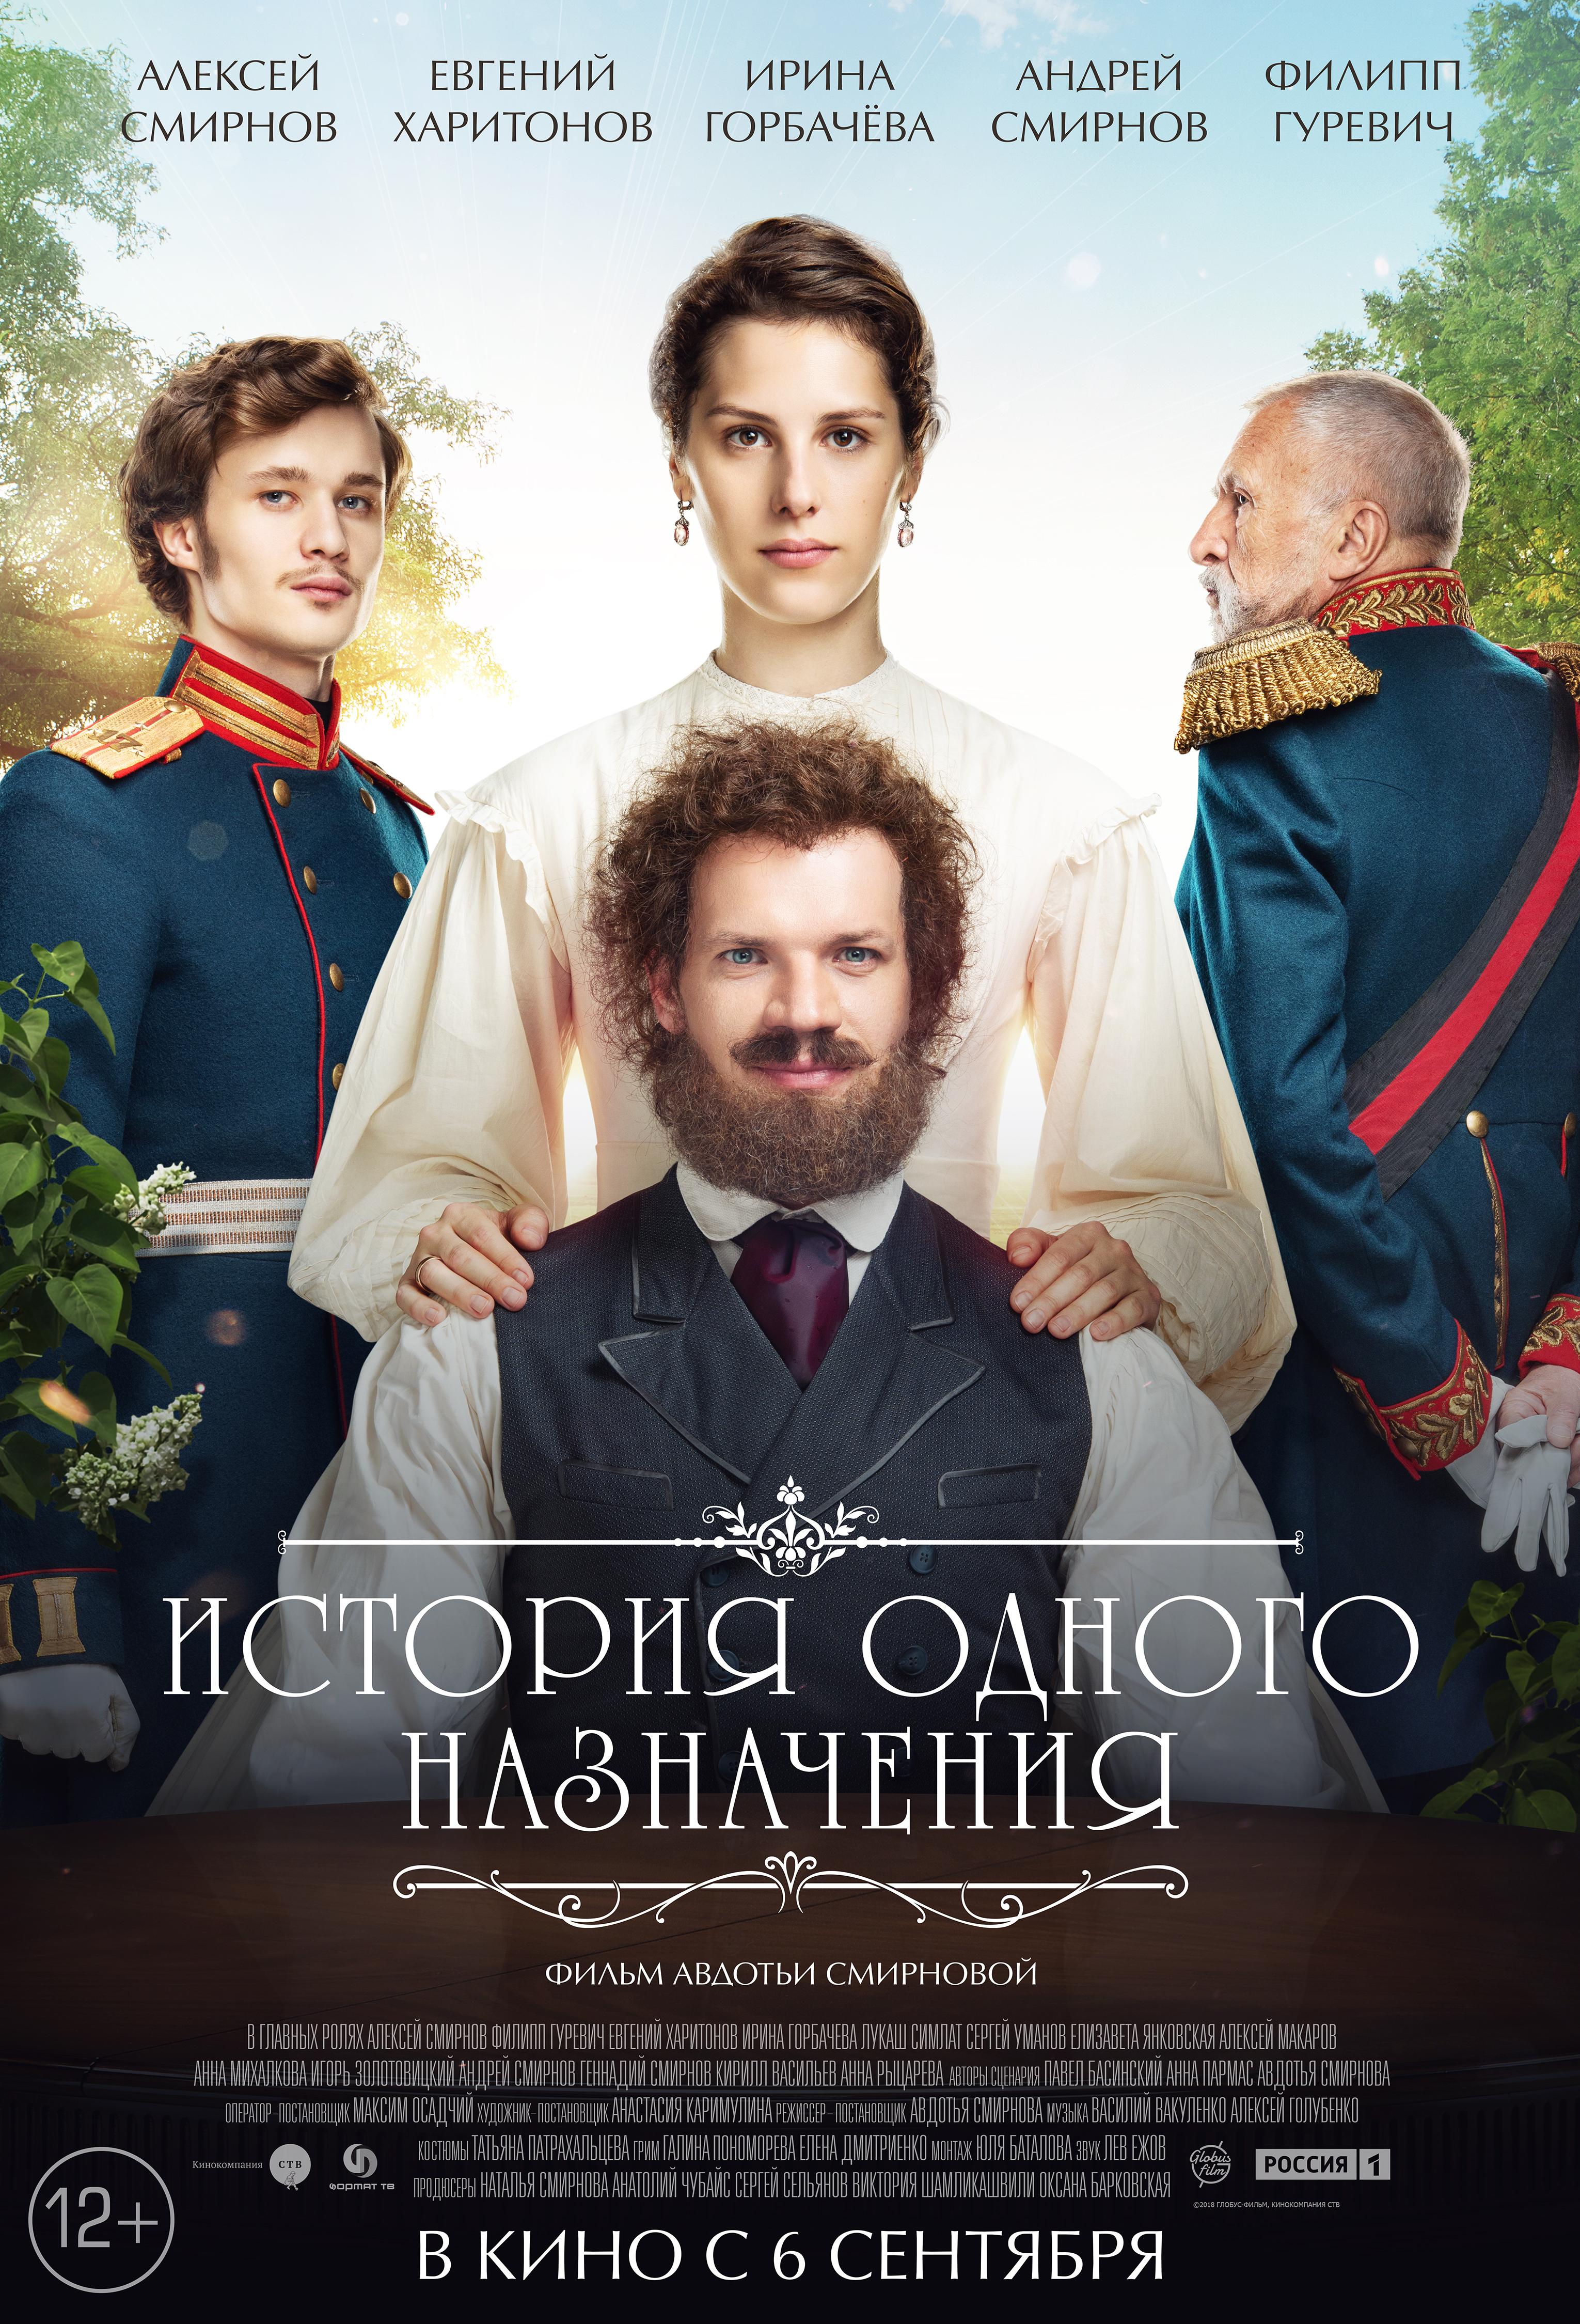 лучшие российские фильмы 2018 года афиша кино